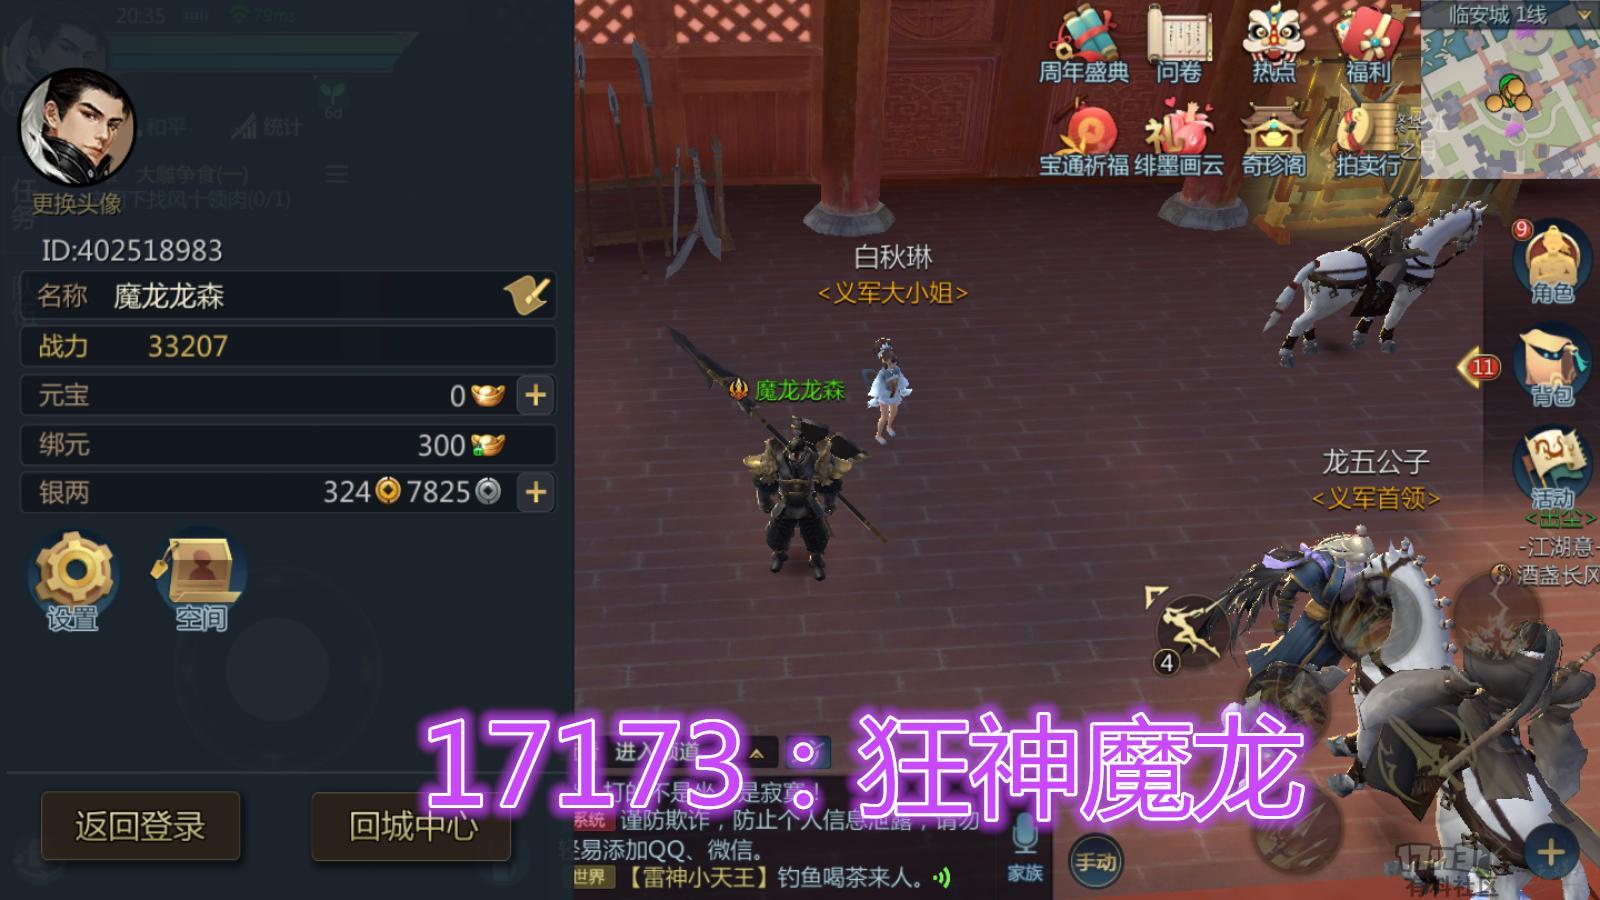 Screenshot_2019-07-04-20-36-37_副本.jpg